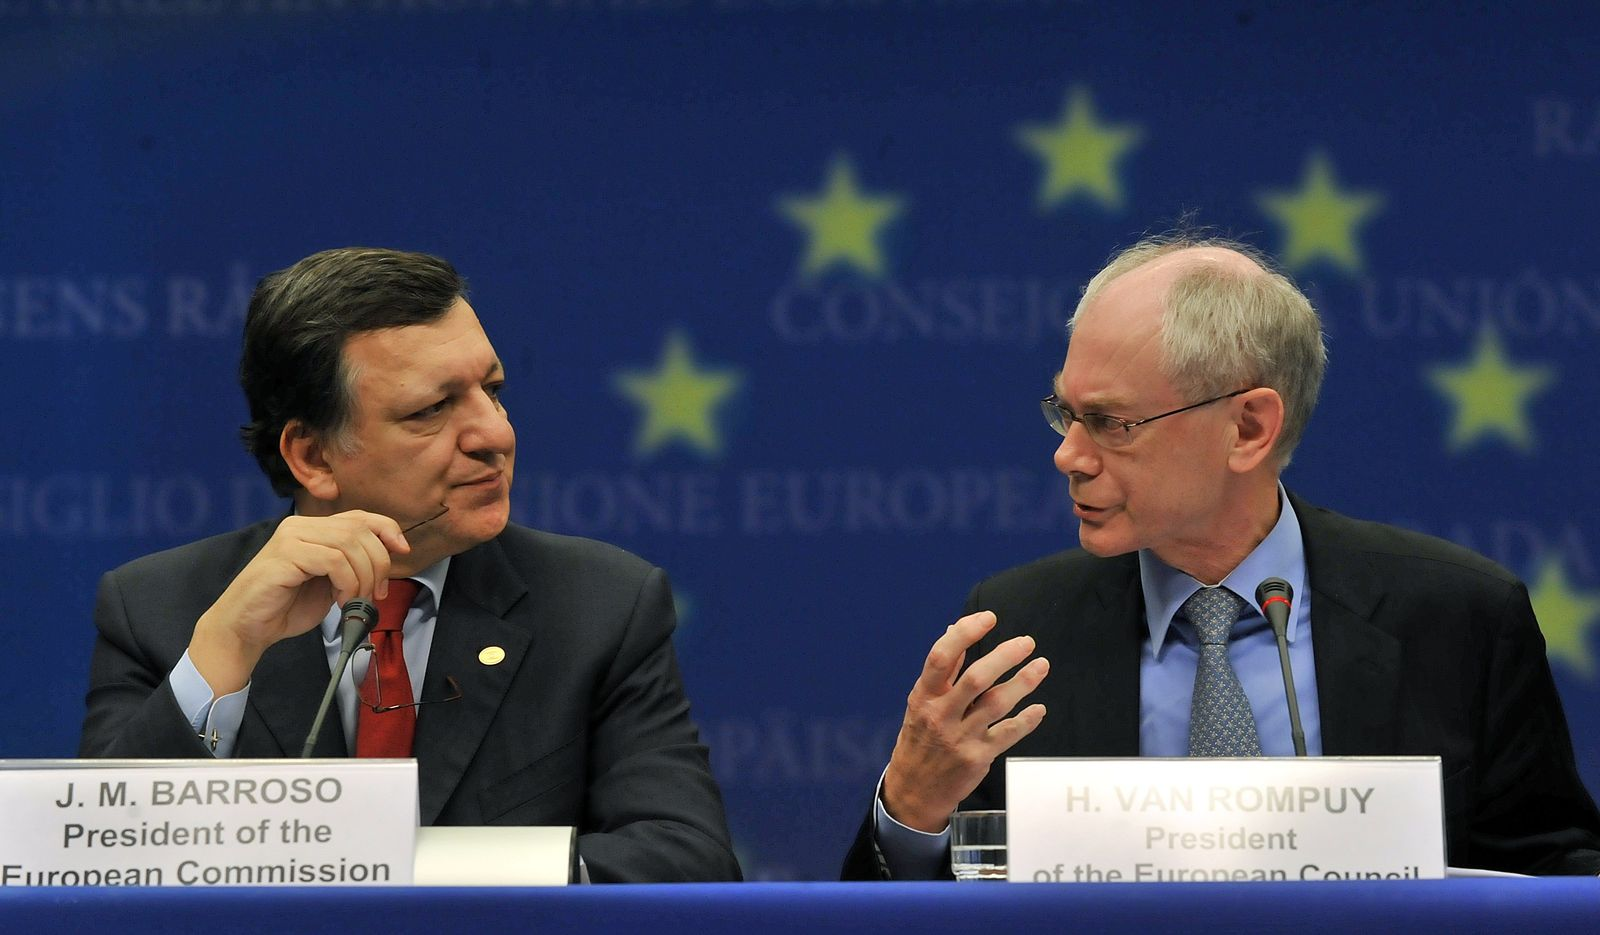 Barroso / Rompuy